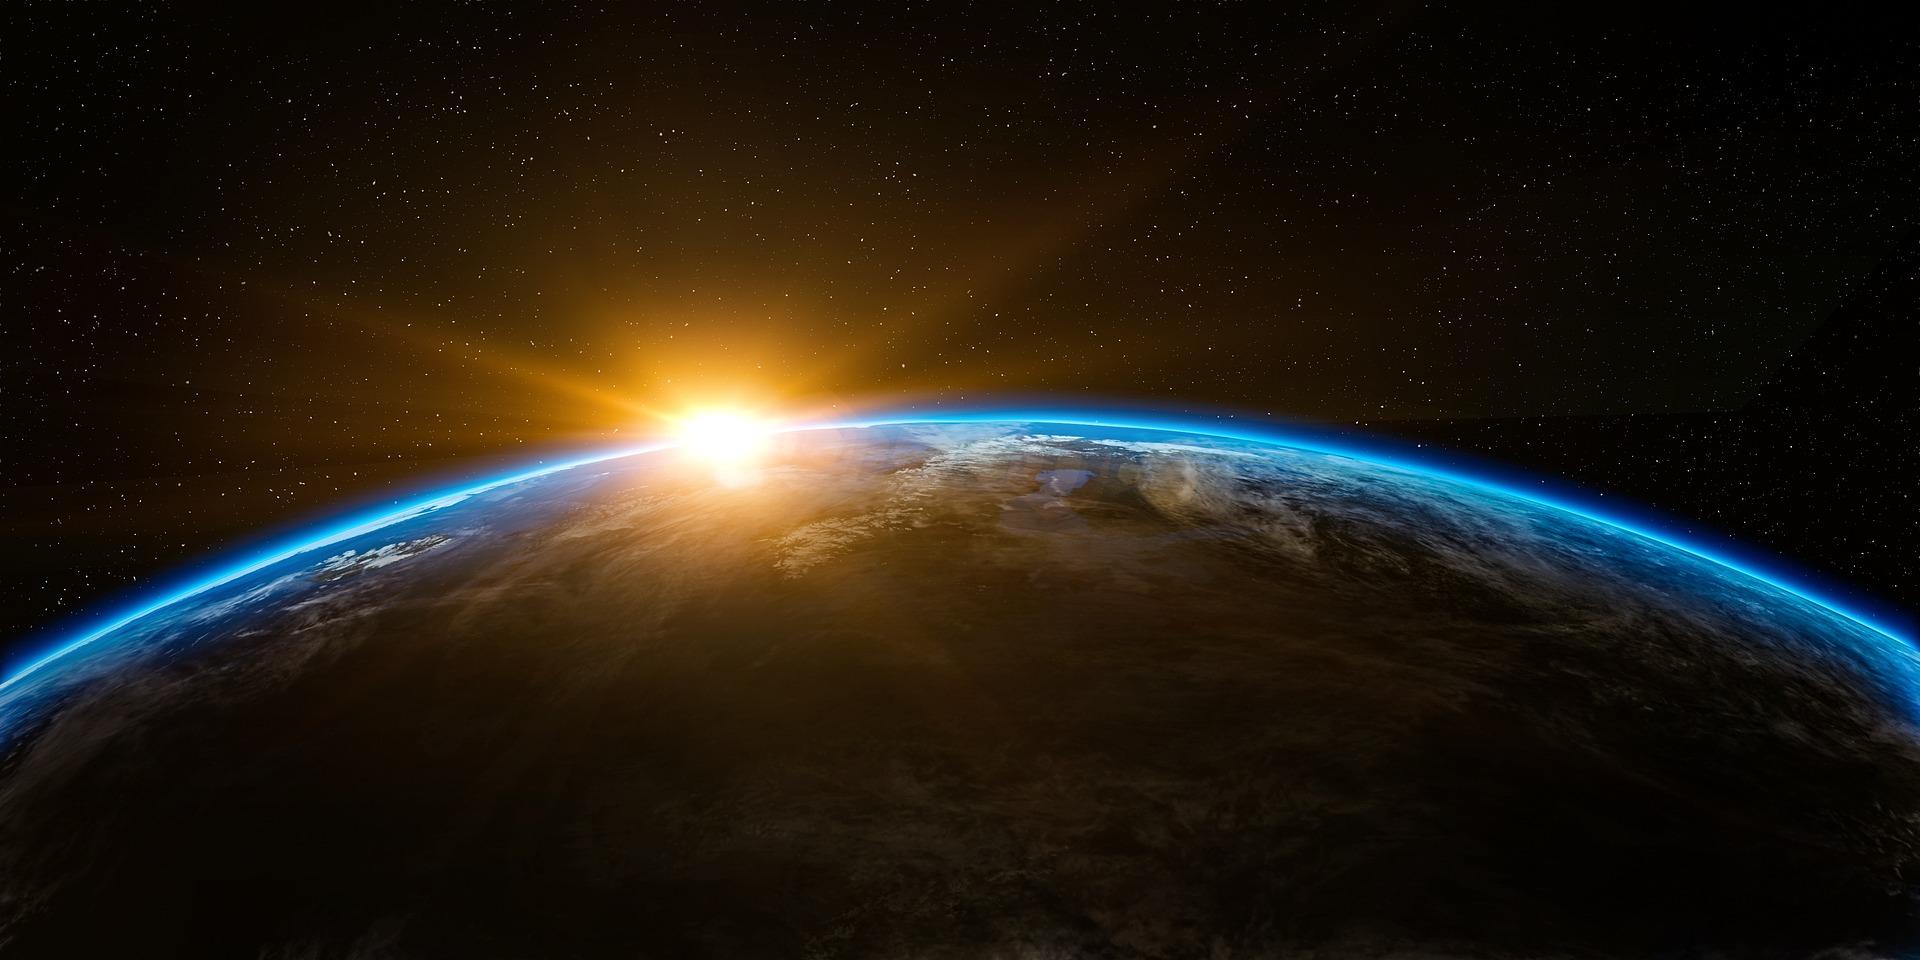 sunrise-1756274_1920_1559923464937.jpg